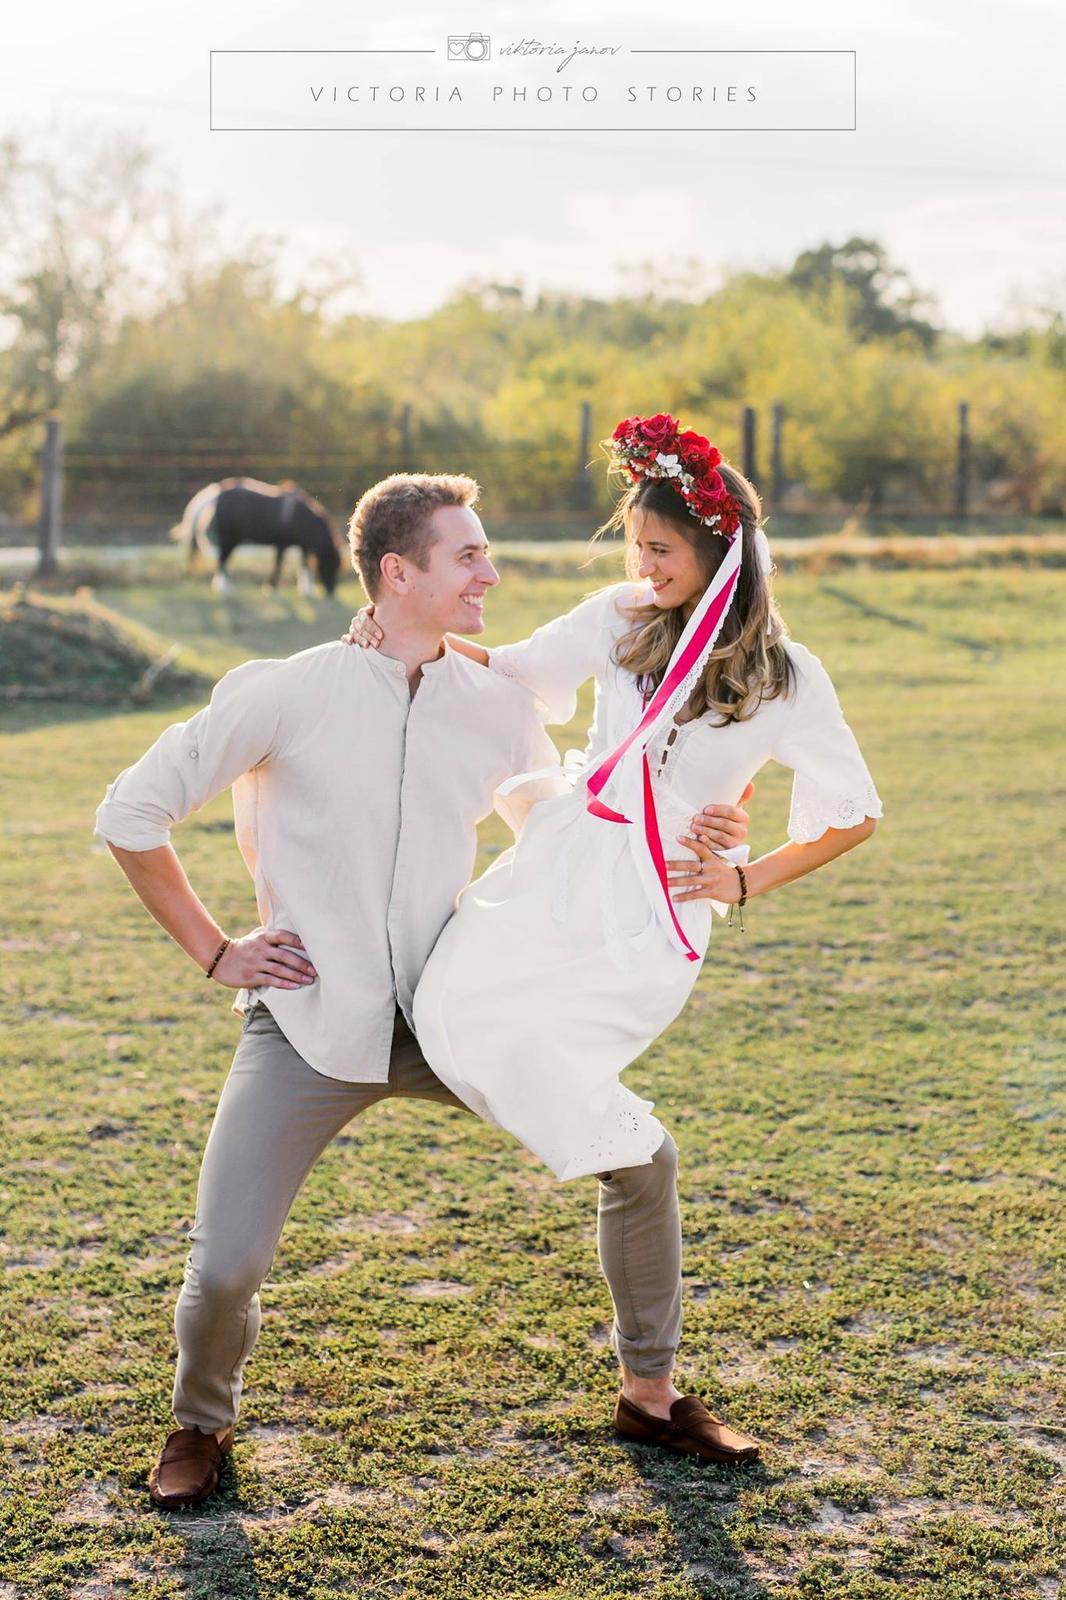 Predsvadobné fotenie s koníkmi  :) - Obrázok č. 6